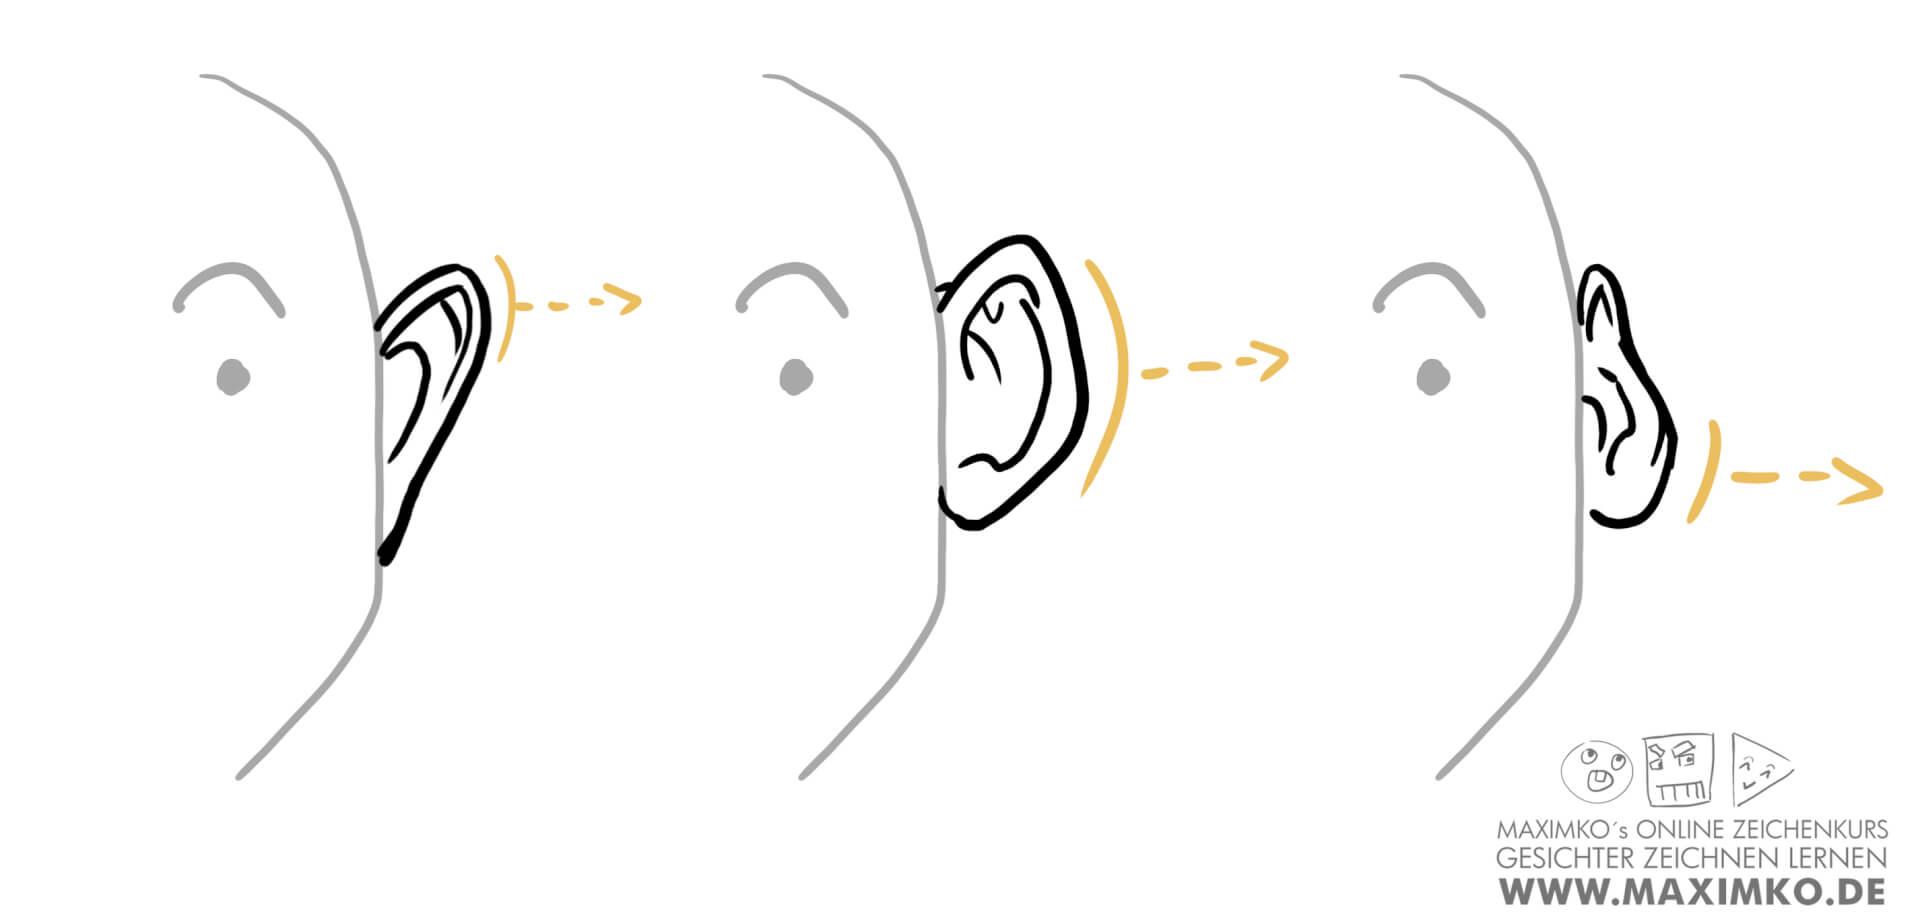 ohren zeichnen lernen tutorial online kurs workshop maximko